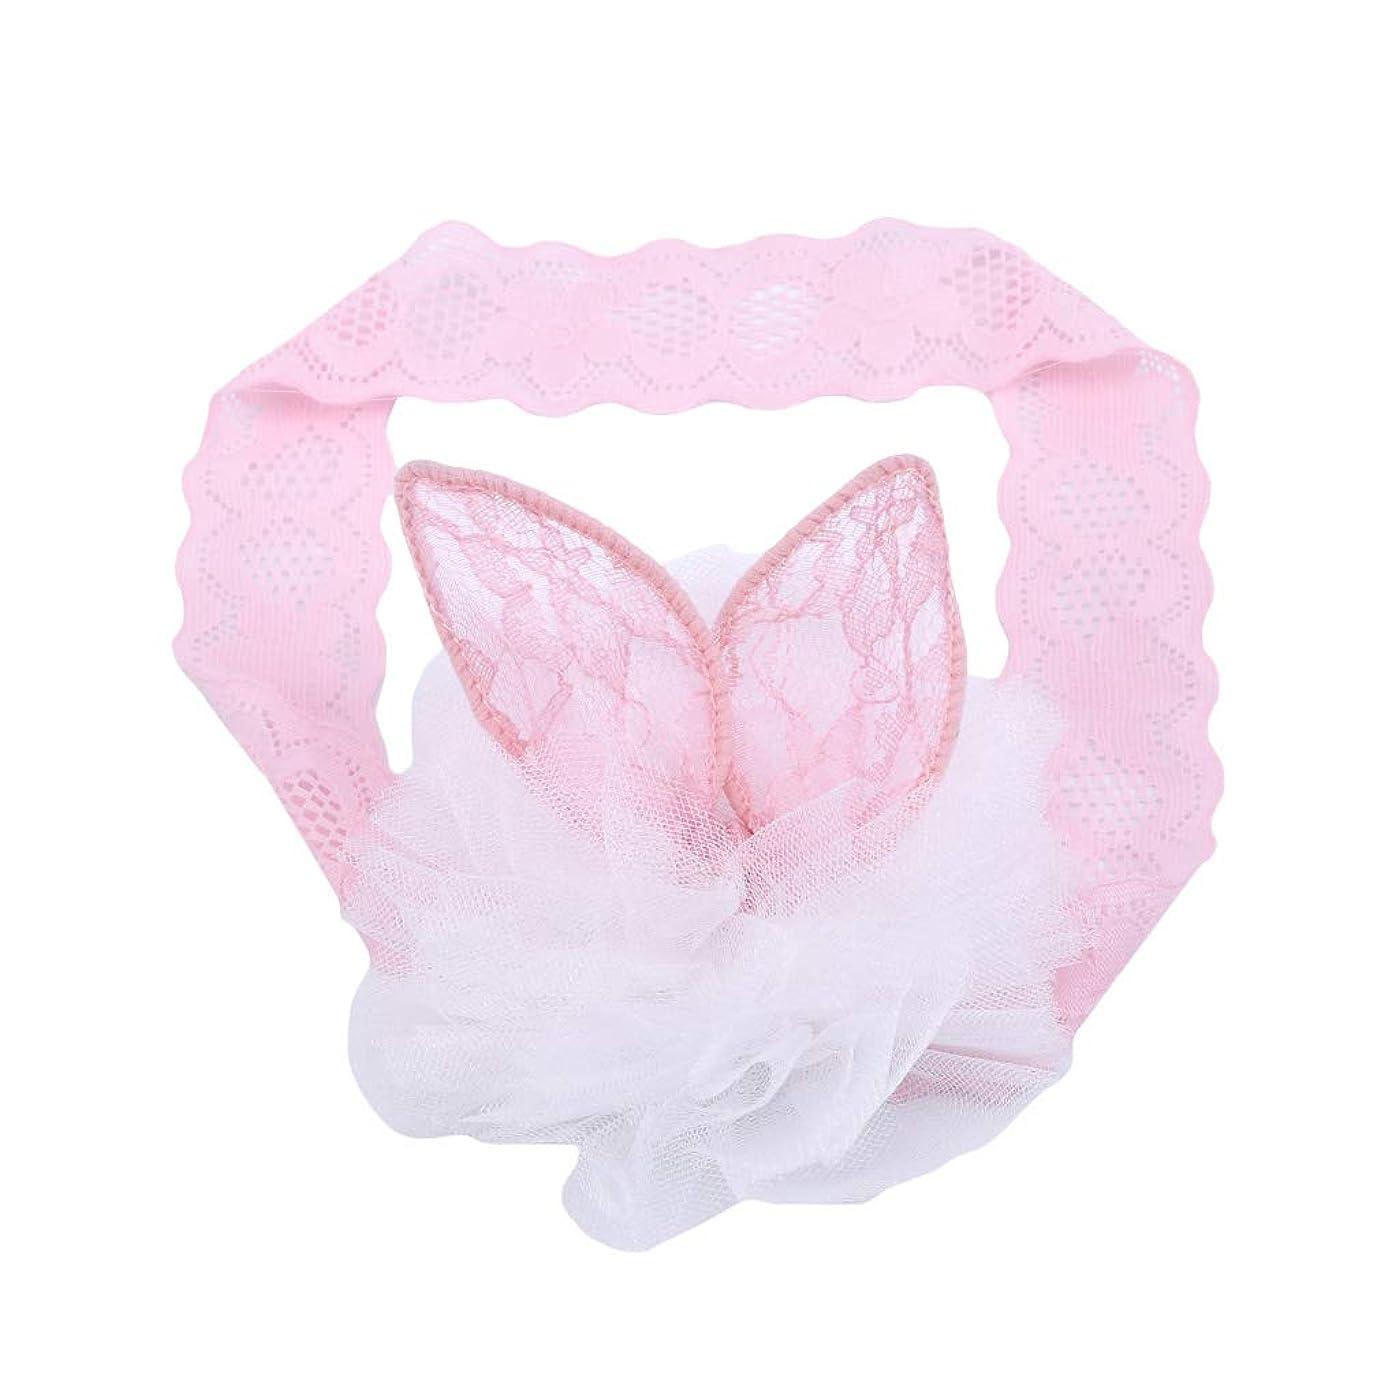 ヘクタール川貯水池火の色 ヘアーバンド 赤ちゃん ベビーカチューシャ ヘアアクセサリー 髪飾り ウサギの耳 ヘッドバンド レース おしゃれ 可愛い 出産祝い ピンク